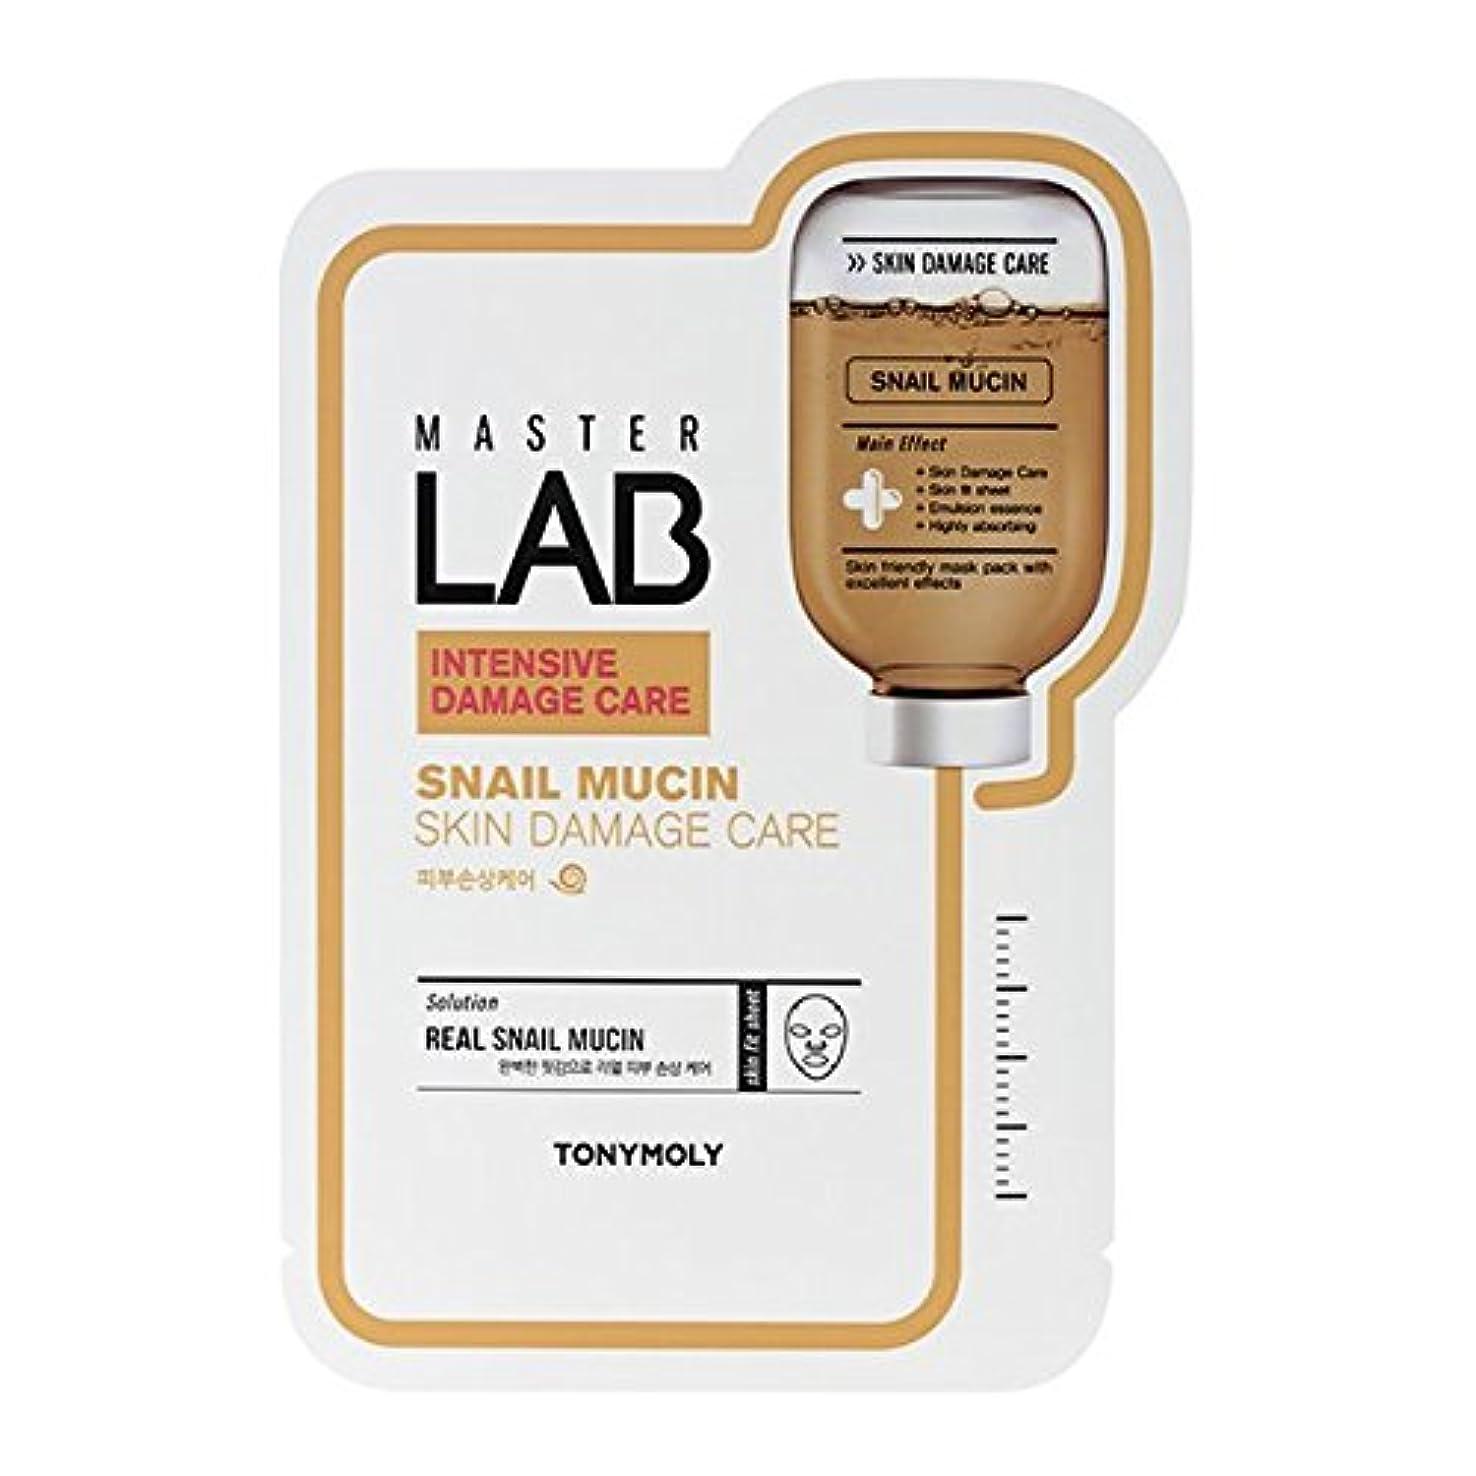 チョーク予知白内障TONYMOLY Master Lab Mask Snail Mucin (Skin Damage Care) (並行輸入品)